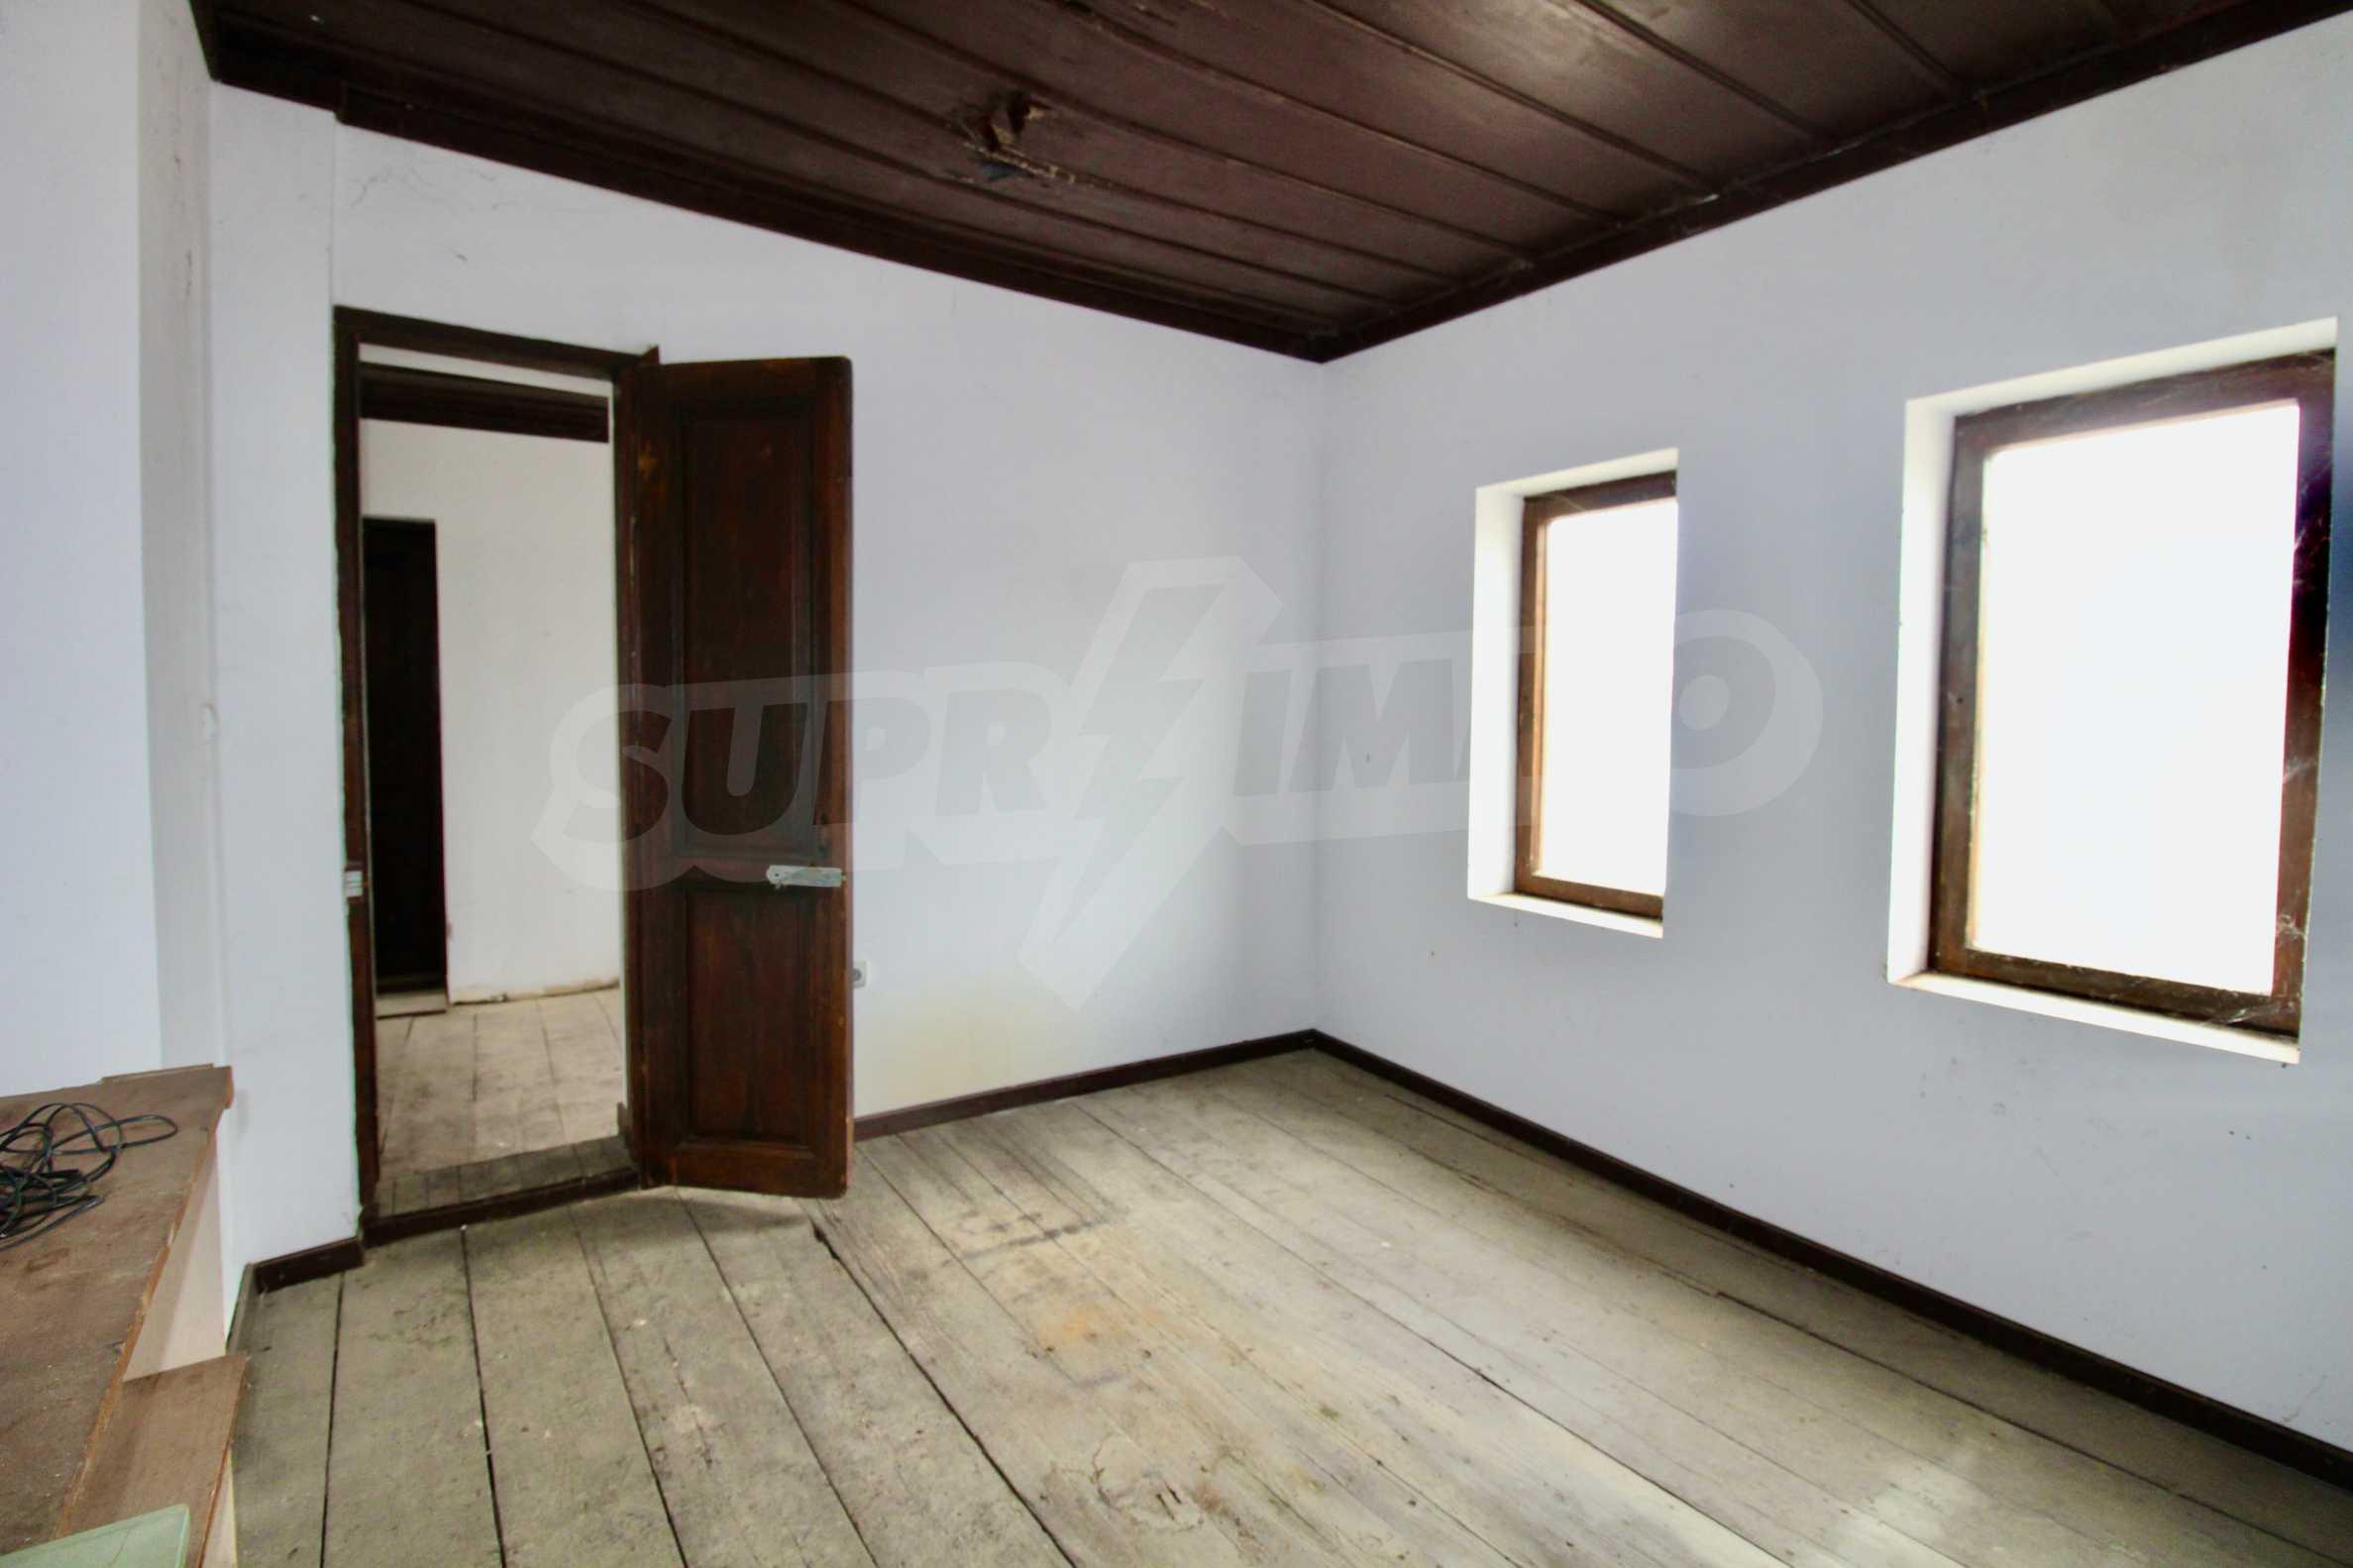 Двуетажна къща с голпм двор в село на 30 км от Велико Търново  9